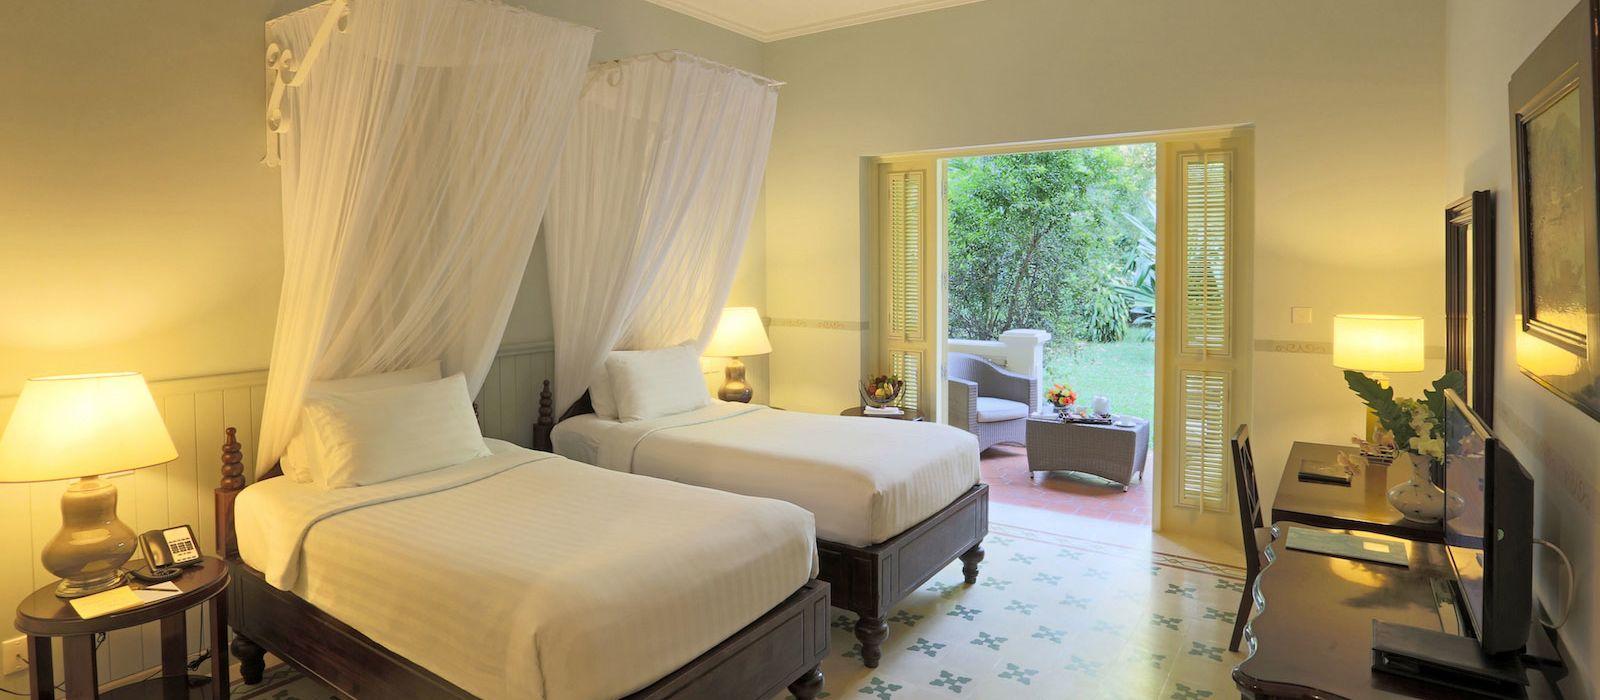 Hotel La Veranda Phu Quoc